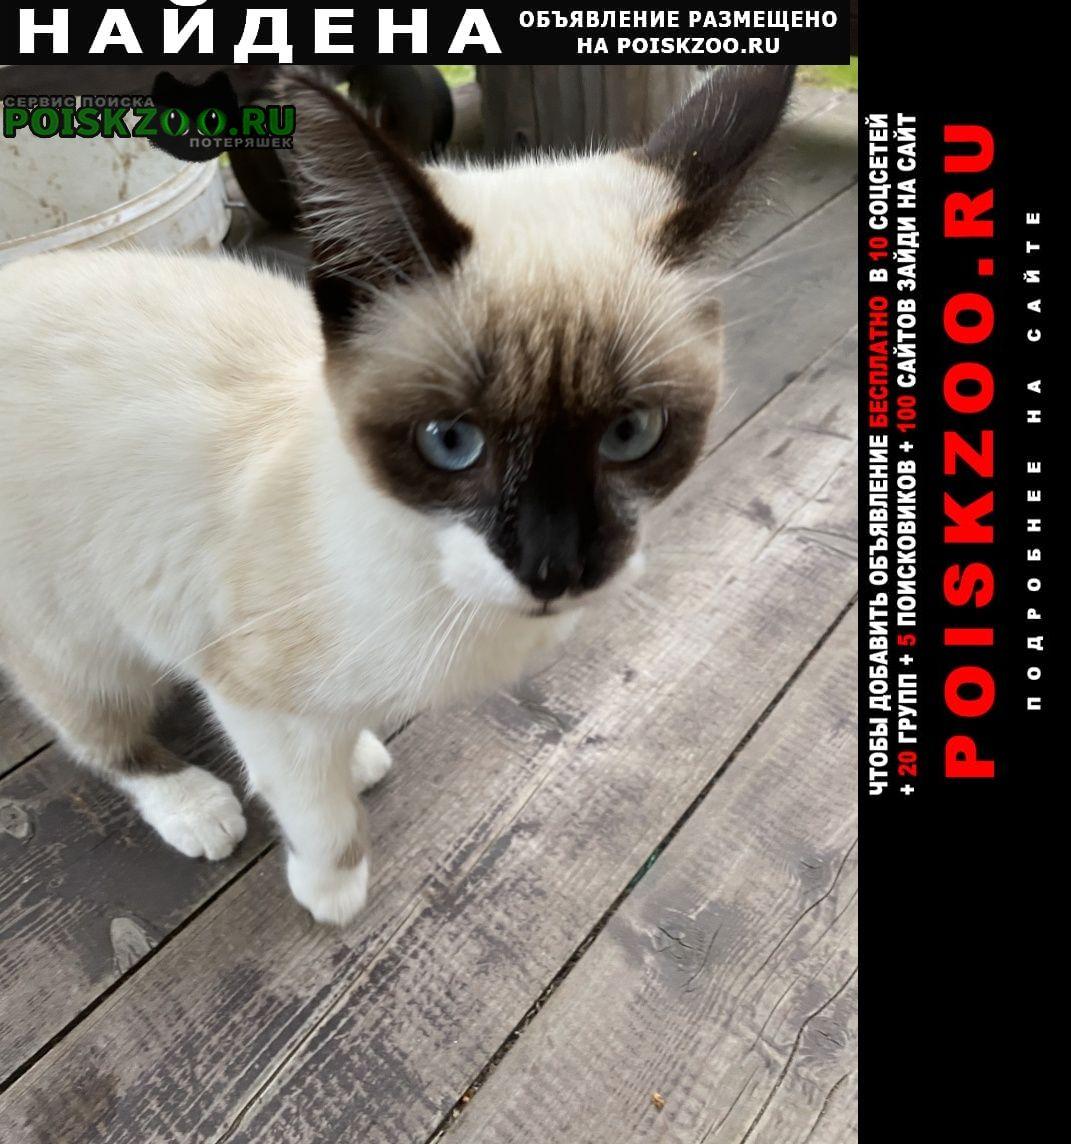 Истра Найдена кошка кот